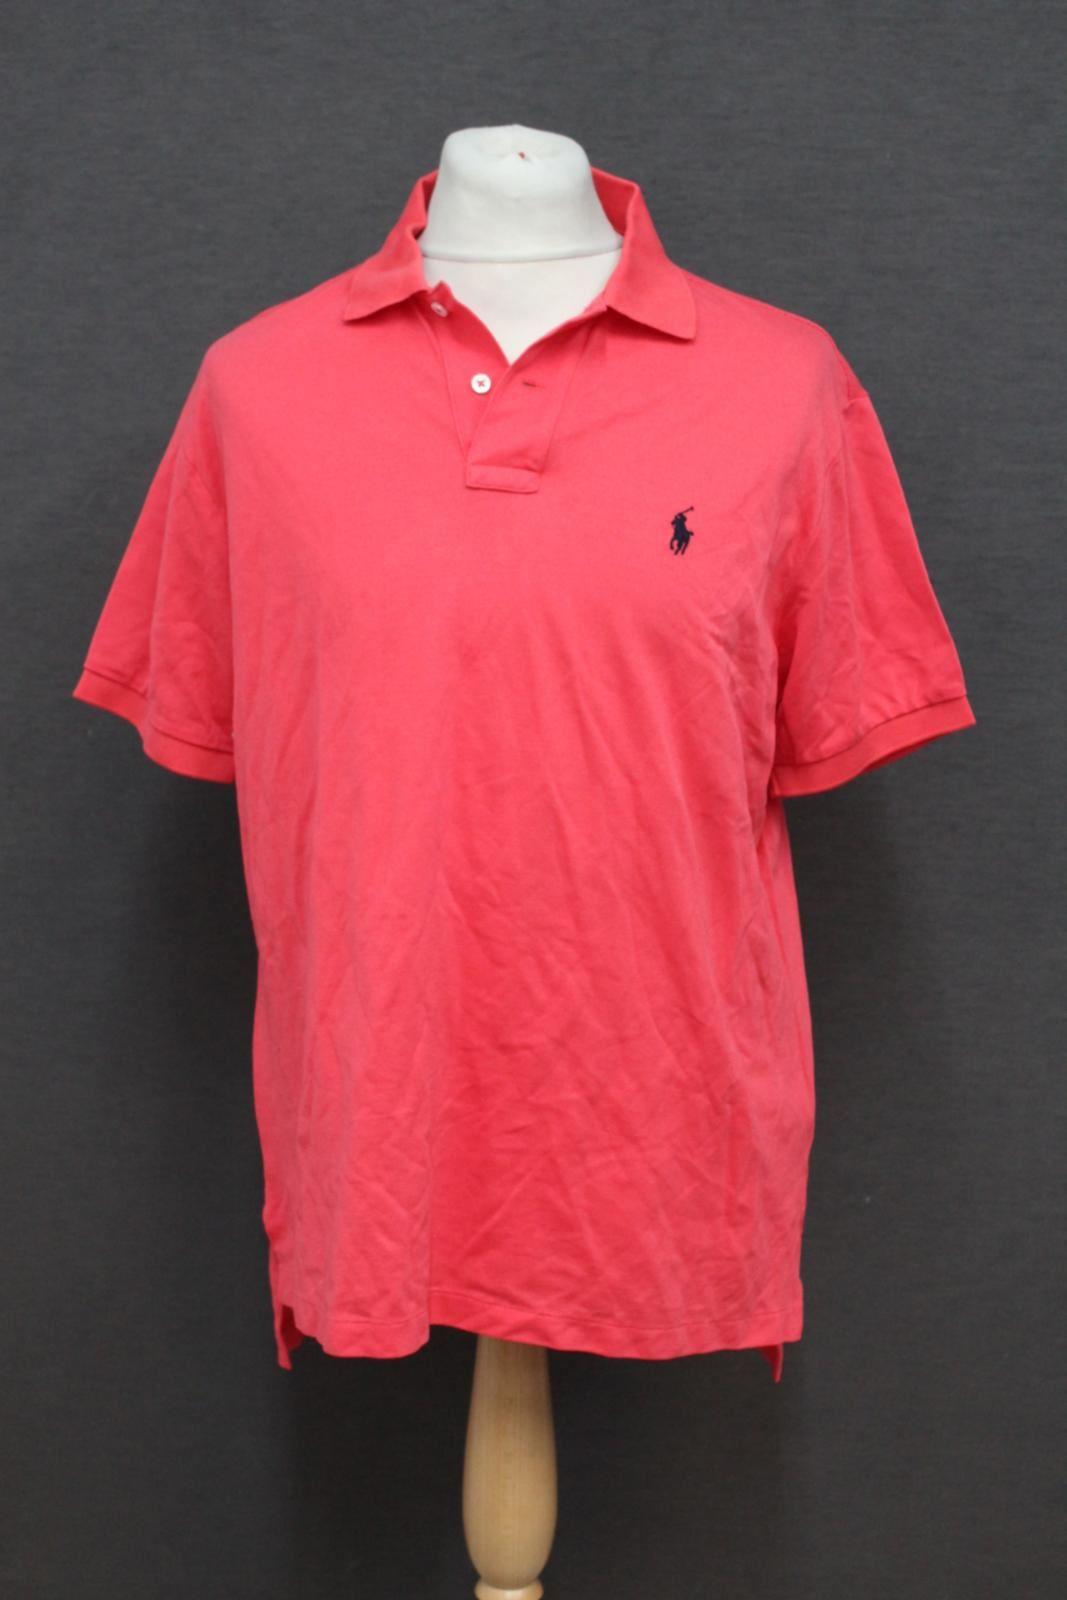 Ralph-Lauren-Polo-para-hombre-de-color-rosa-de-algodon-Manga-Corta-Camisa-Polo-De-Ajuste